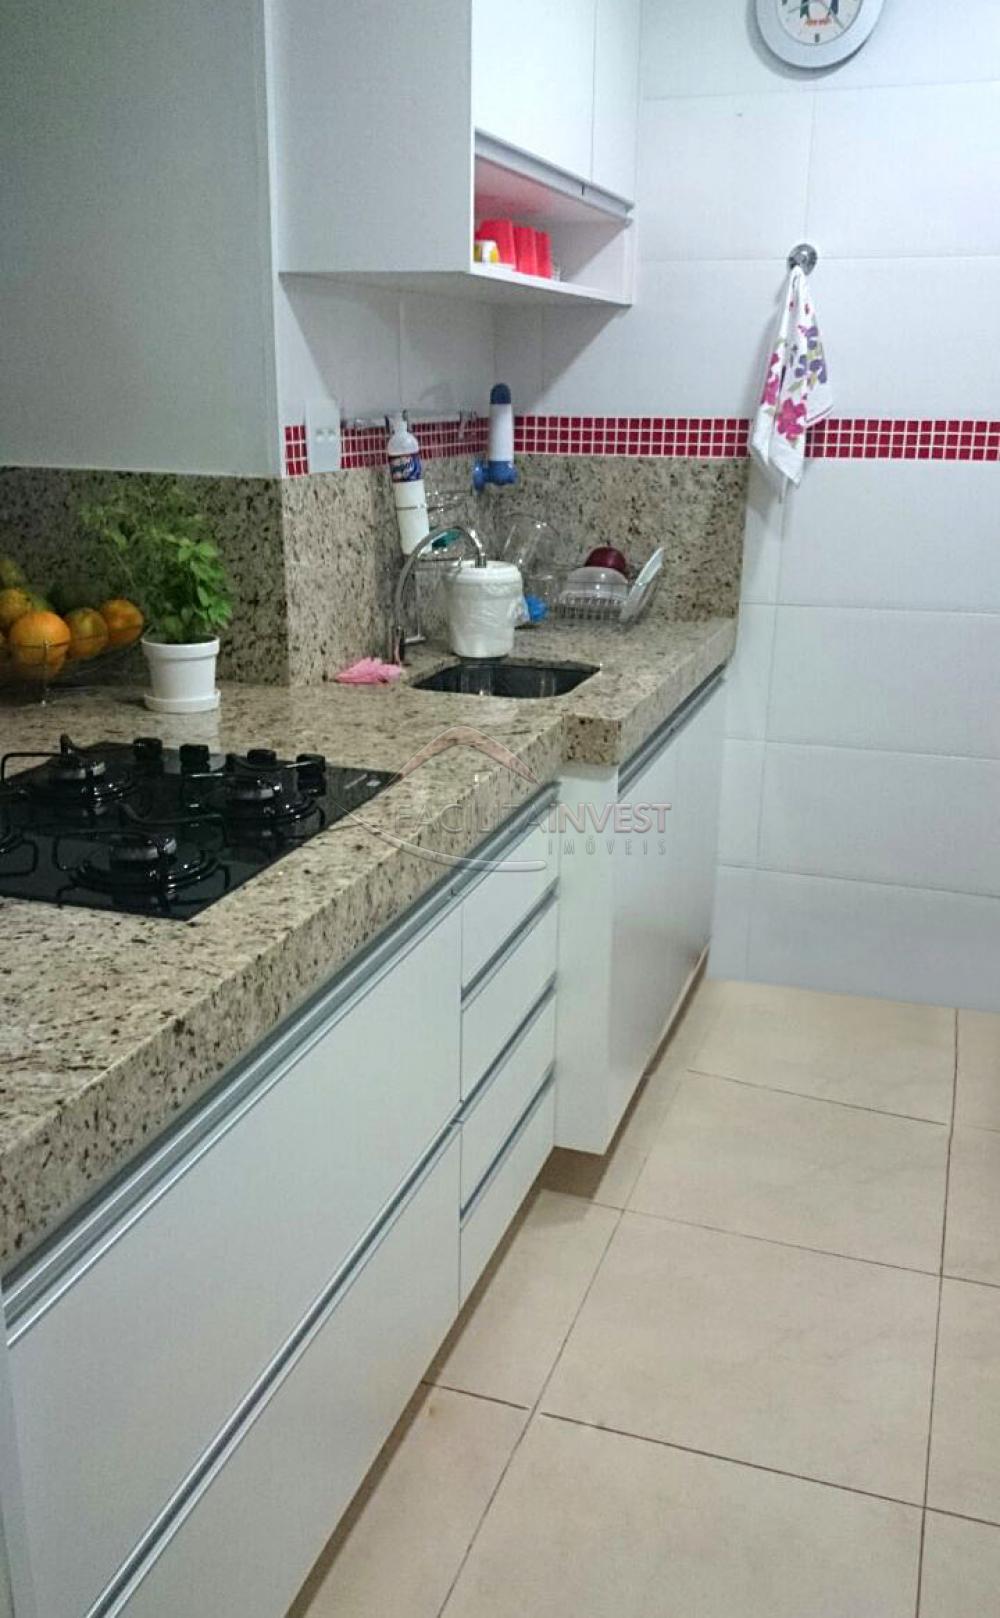 Alugar Apartamentos / Apart. Padrão em Ribeirão Preto apenas R$ 1.150,00 - Foto 3